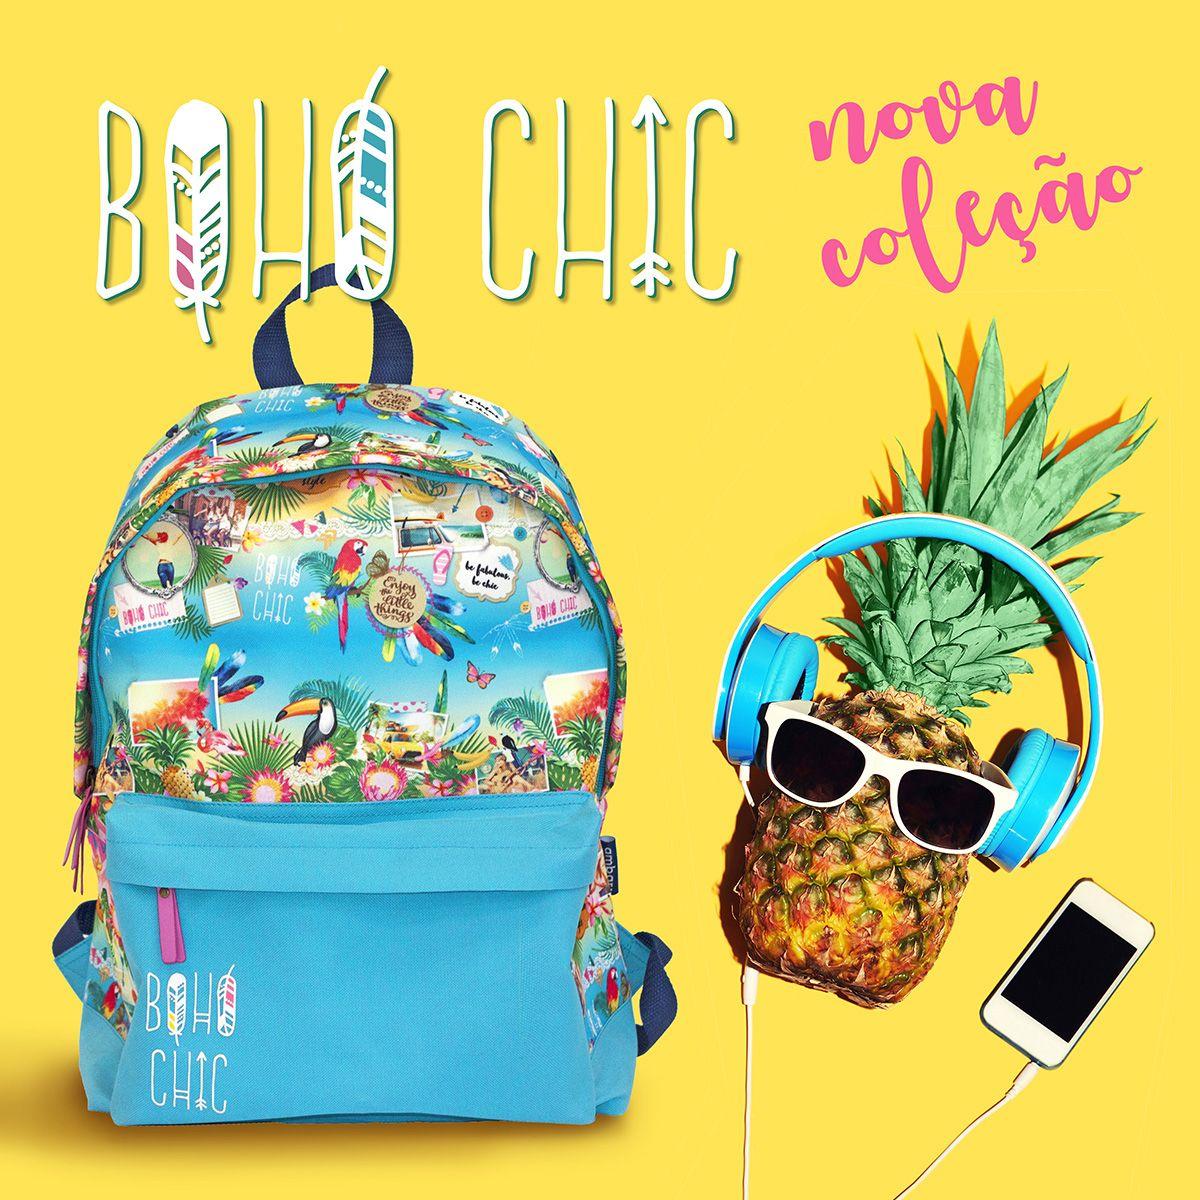 Com inspiração nos países quentes, a nova coleção #BOHO_CHIC vai arrasar este verão! #ambarideiasnopapel